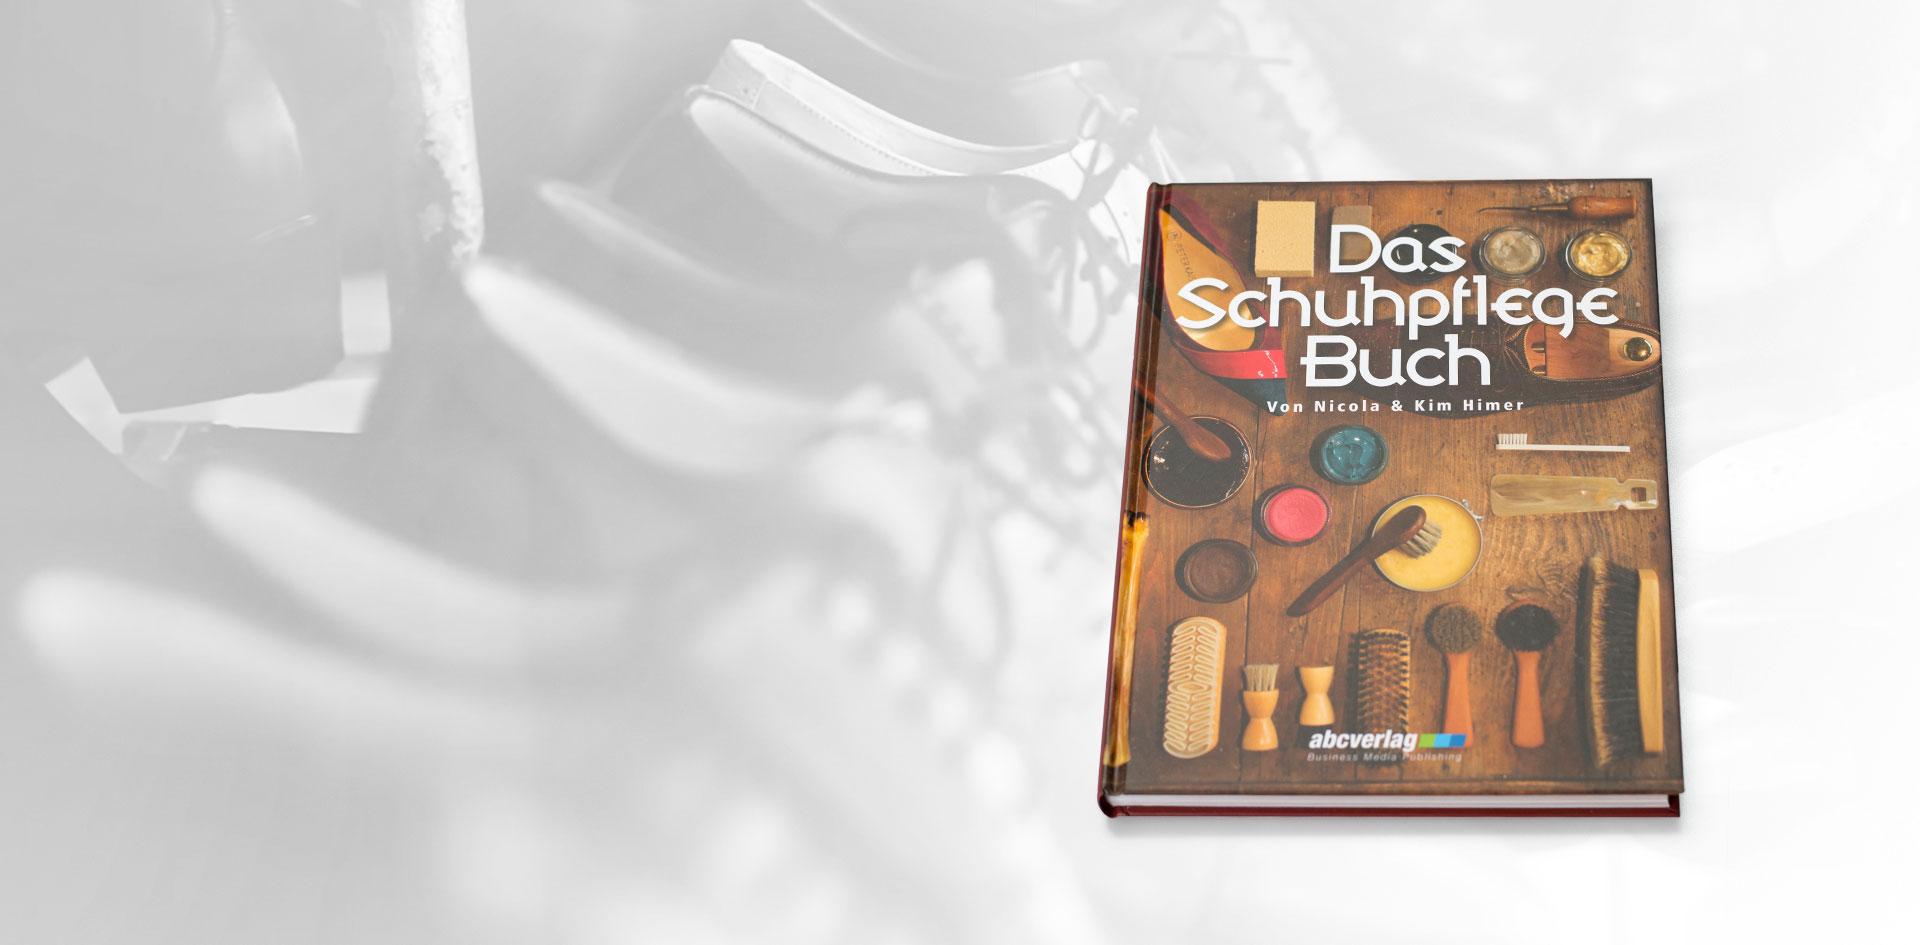 Das Schuhpflege Buch